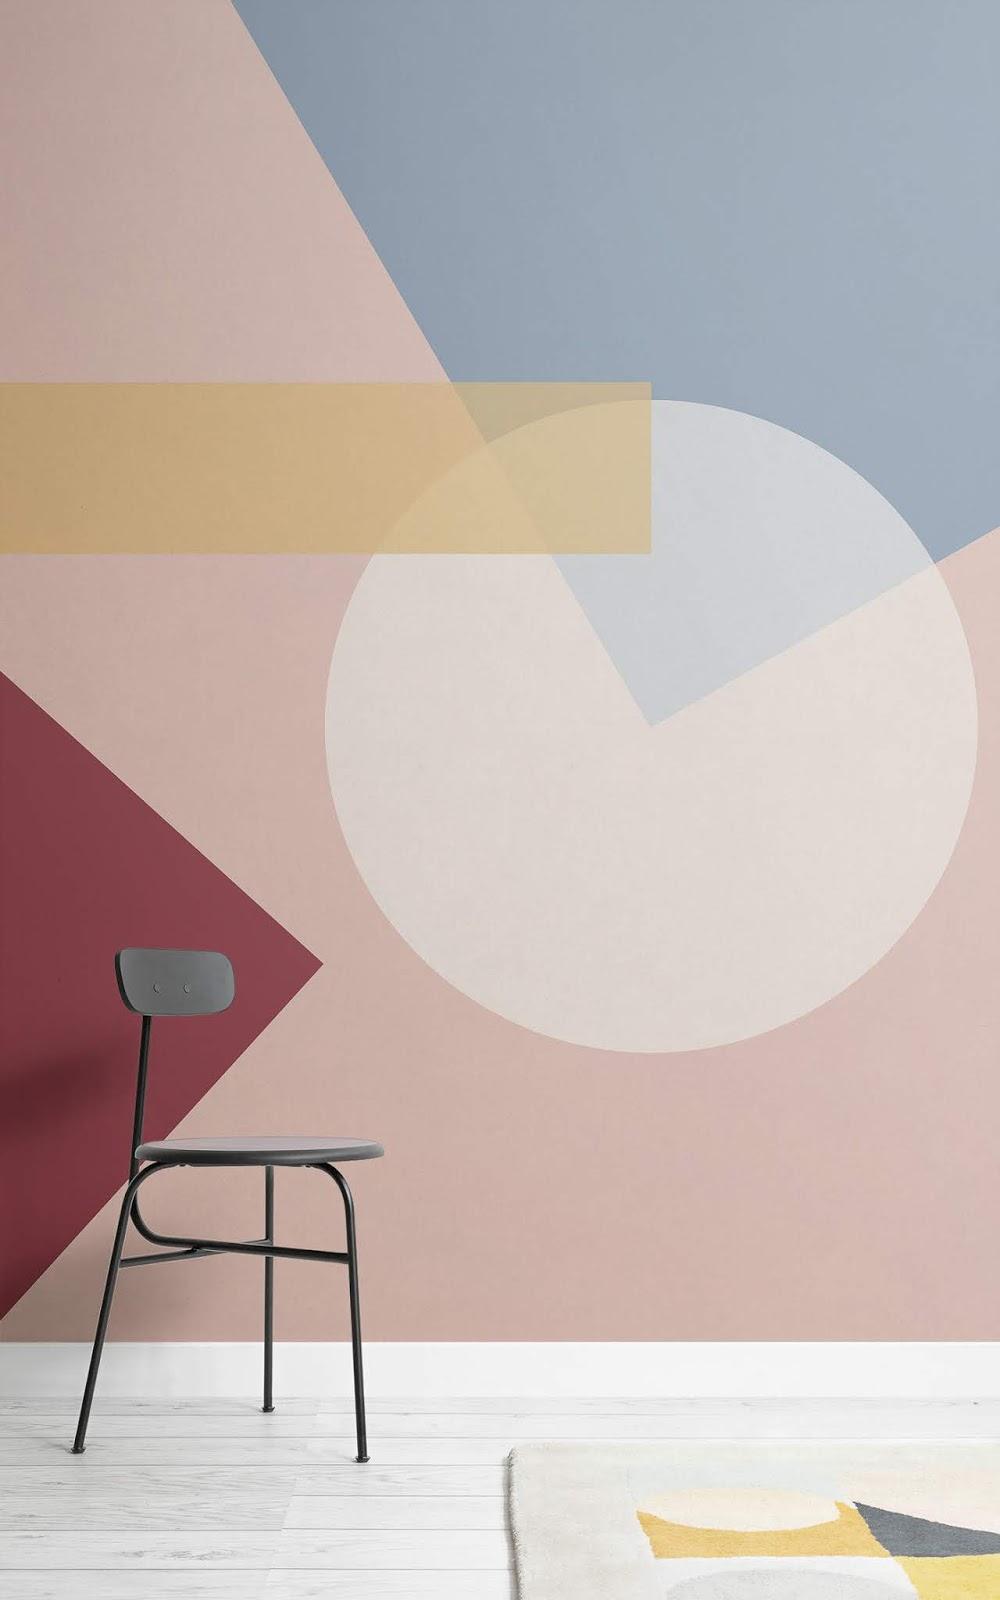 El centenario de la Bauhaus se conmemora con papeles pintados